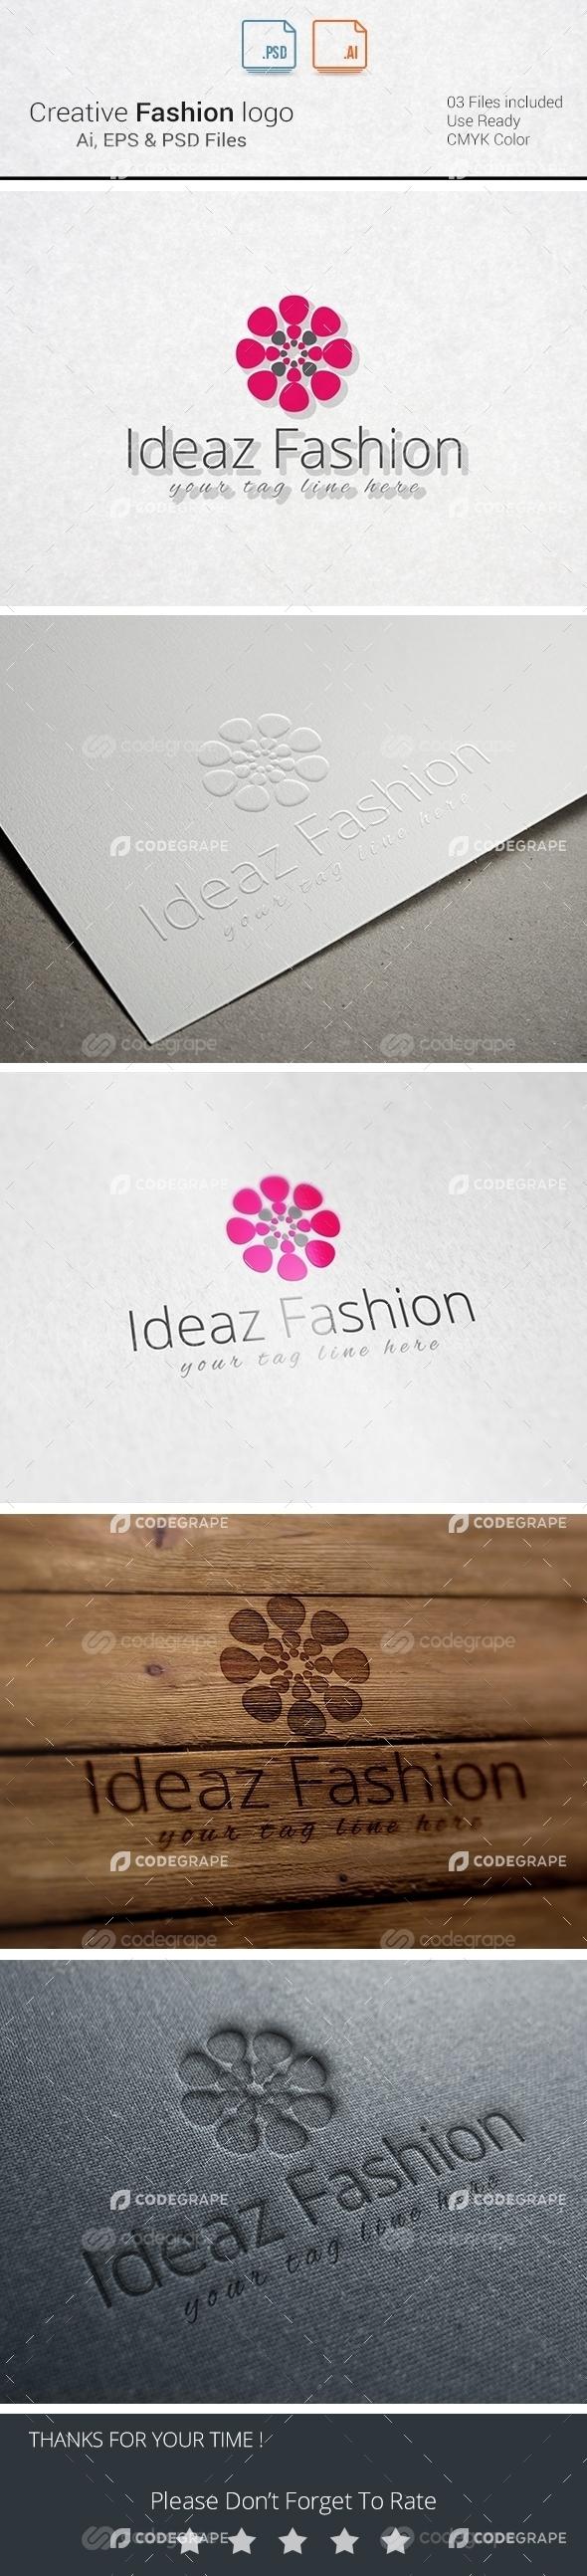 Creative Fashion Logo Design